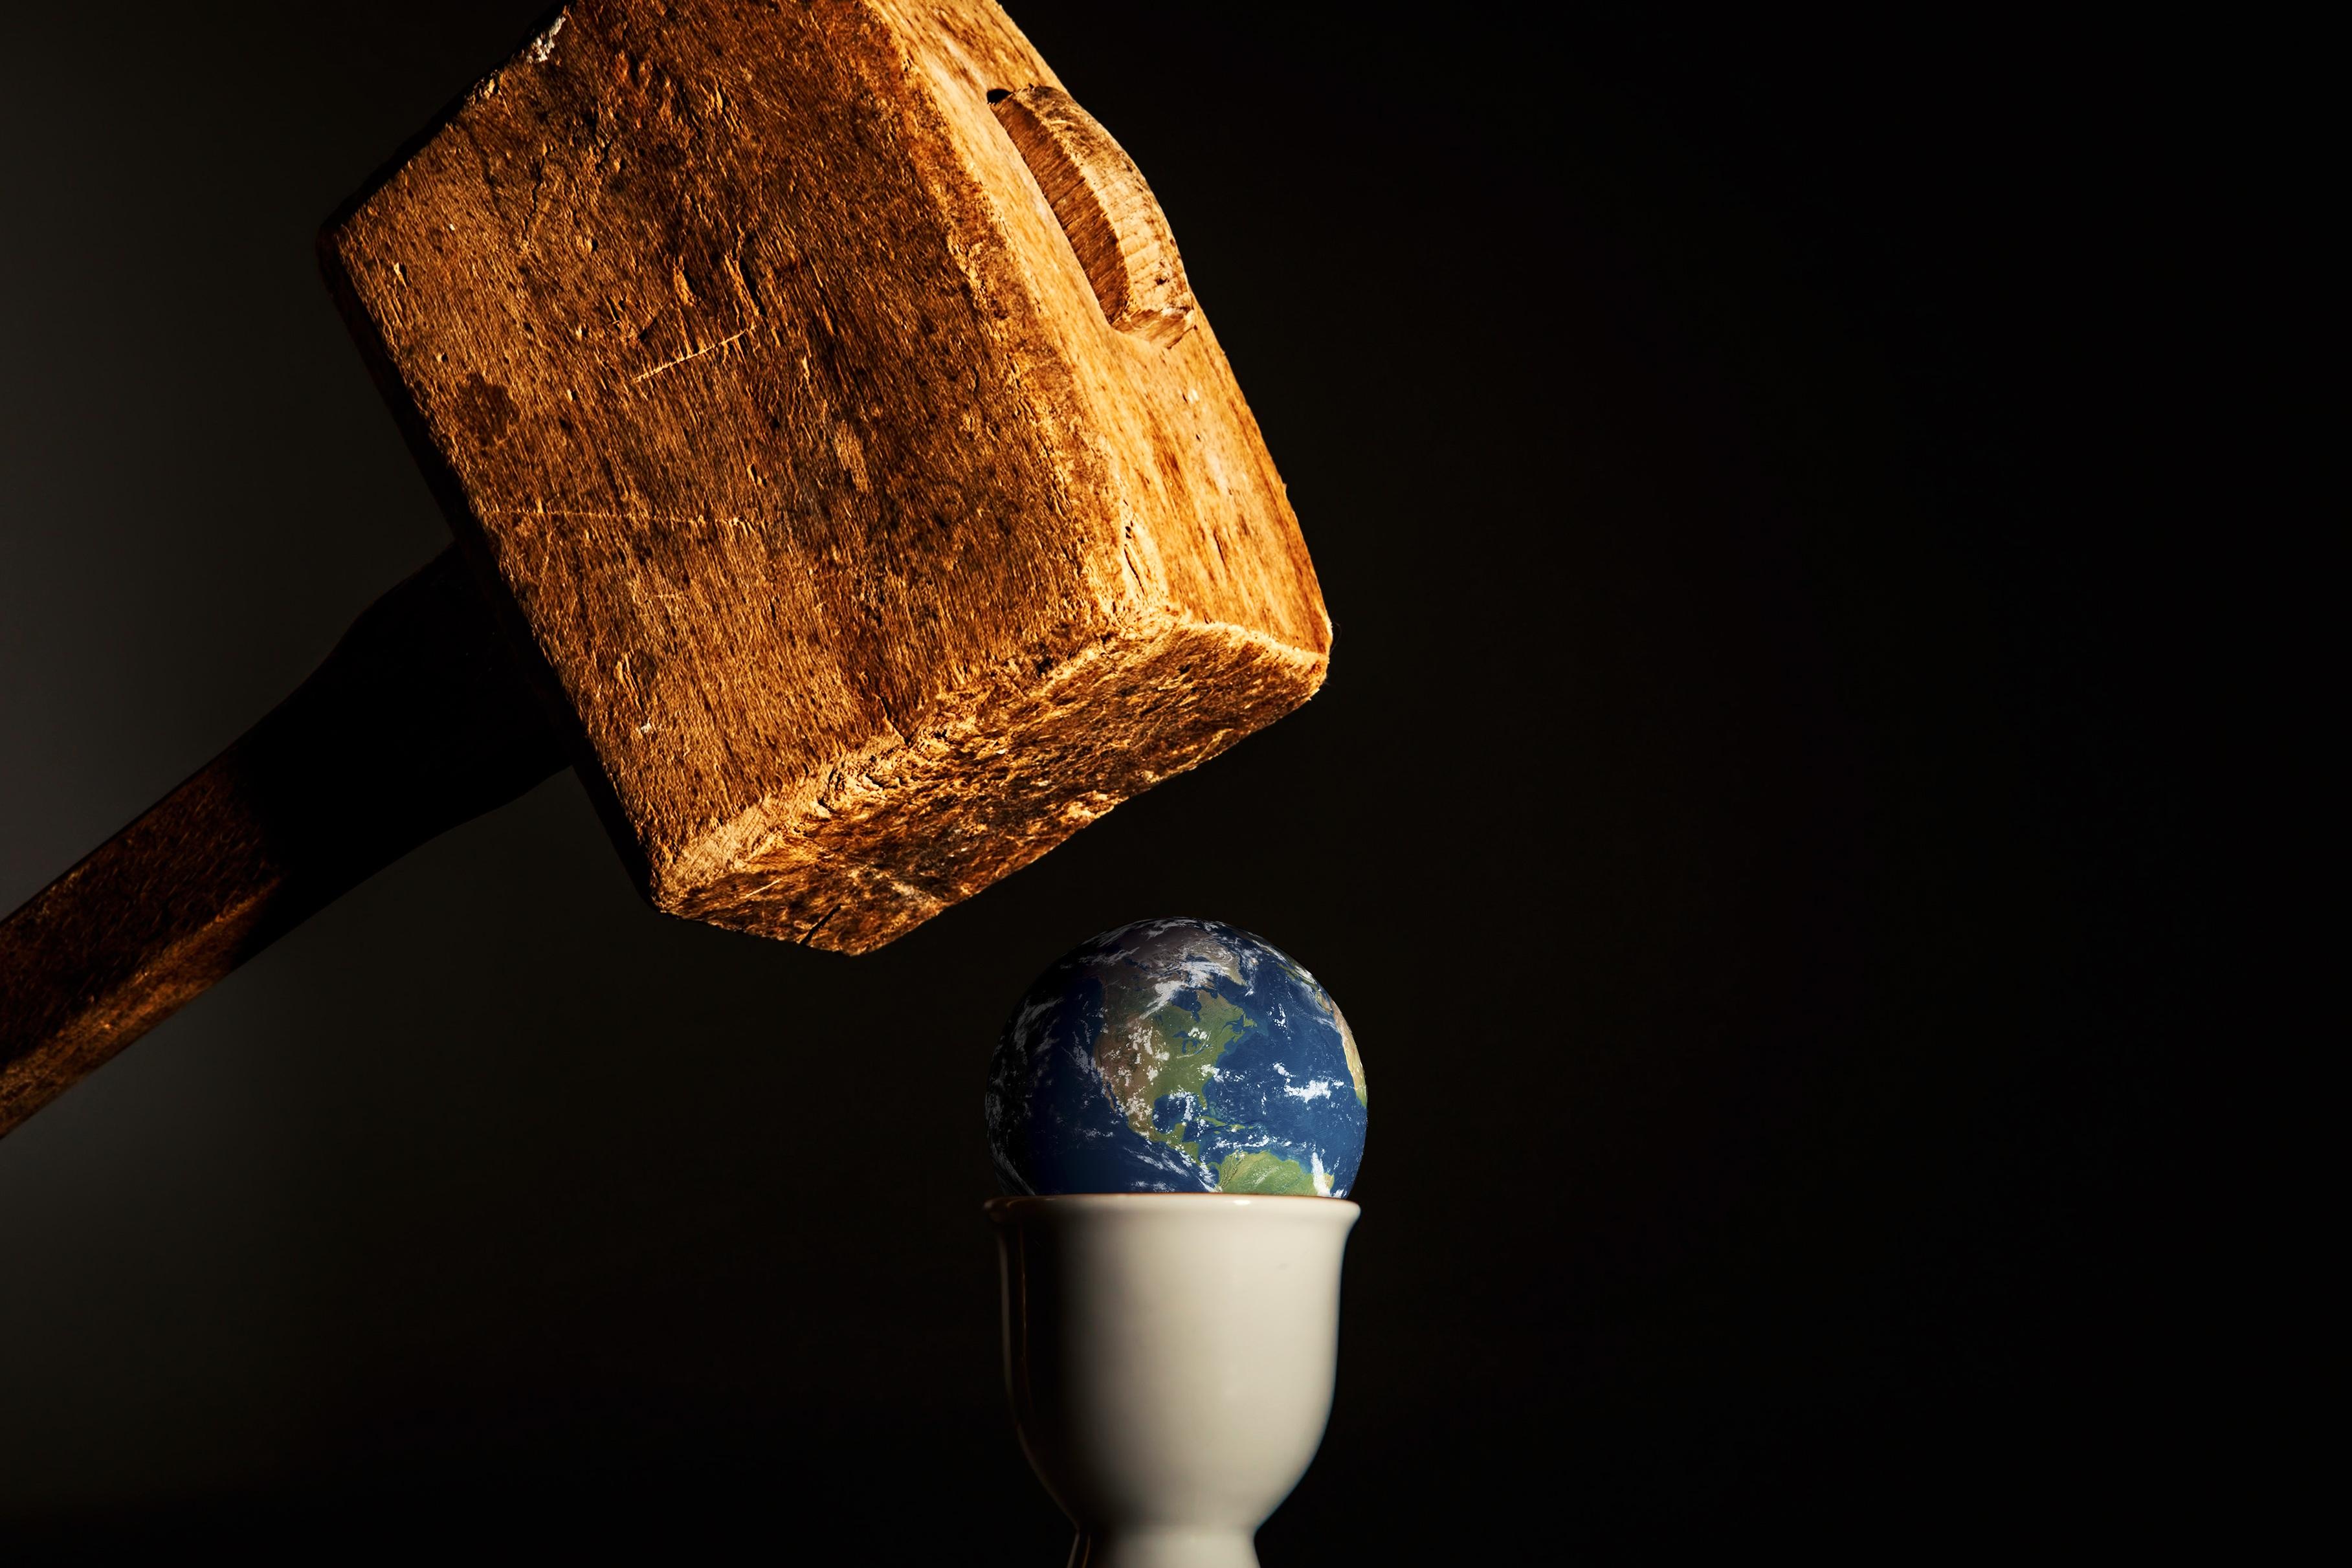 Internationaler Weltschöpfungstag bereits im August: Eine Welt ist nicht genug. Foto: pixabay, 22612